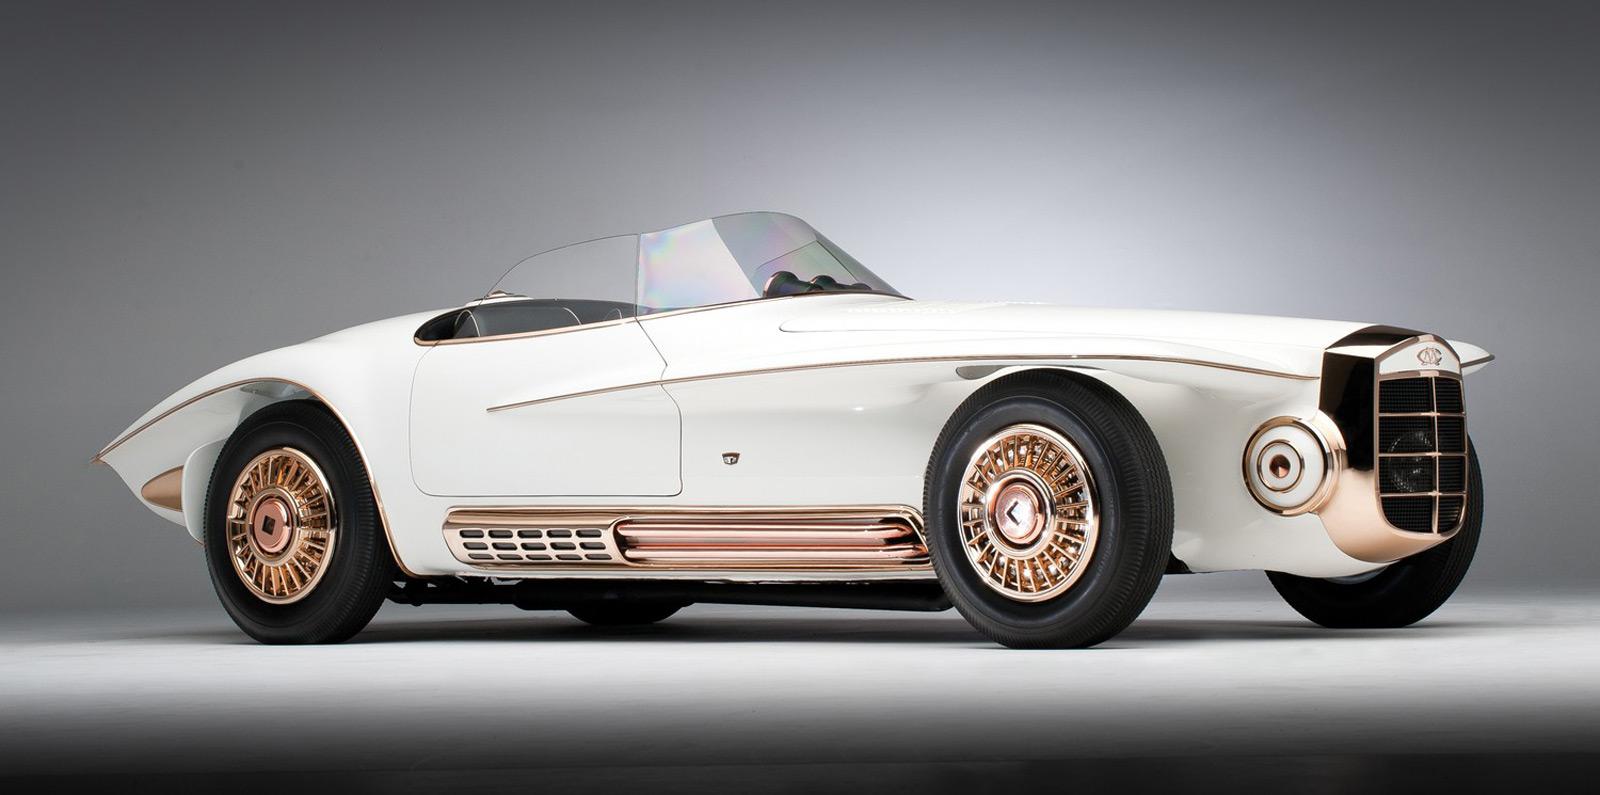 1965 mercer cobra roadster mage design for The mercer